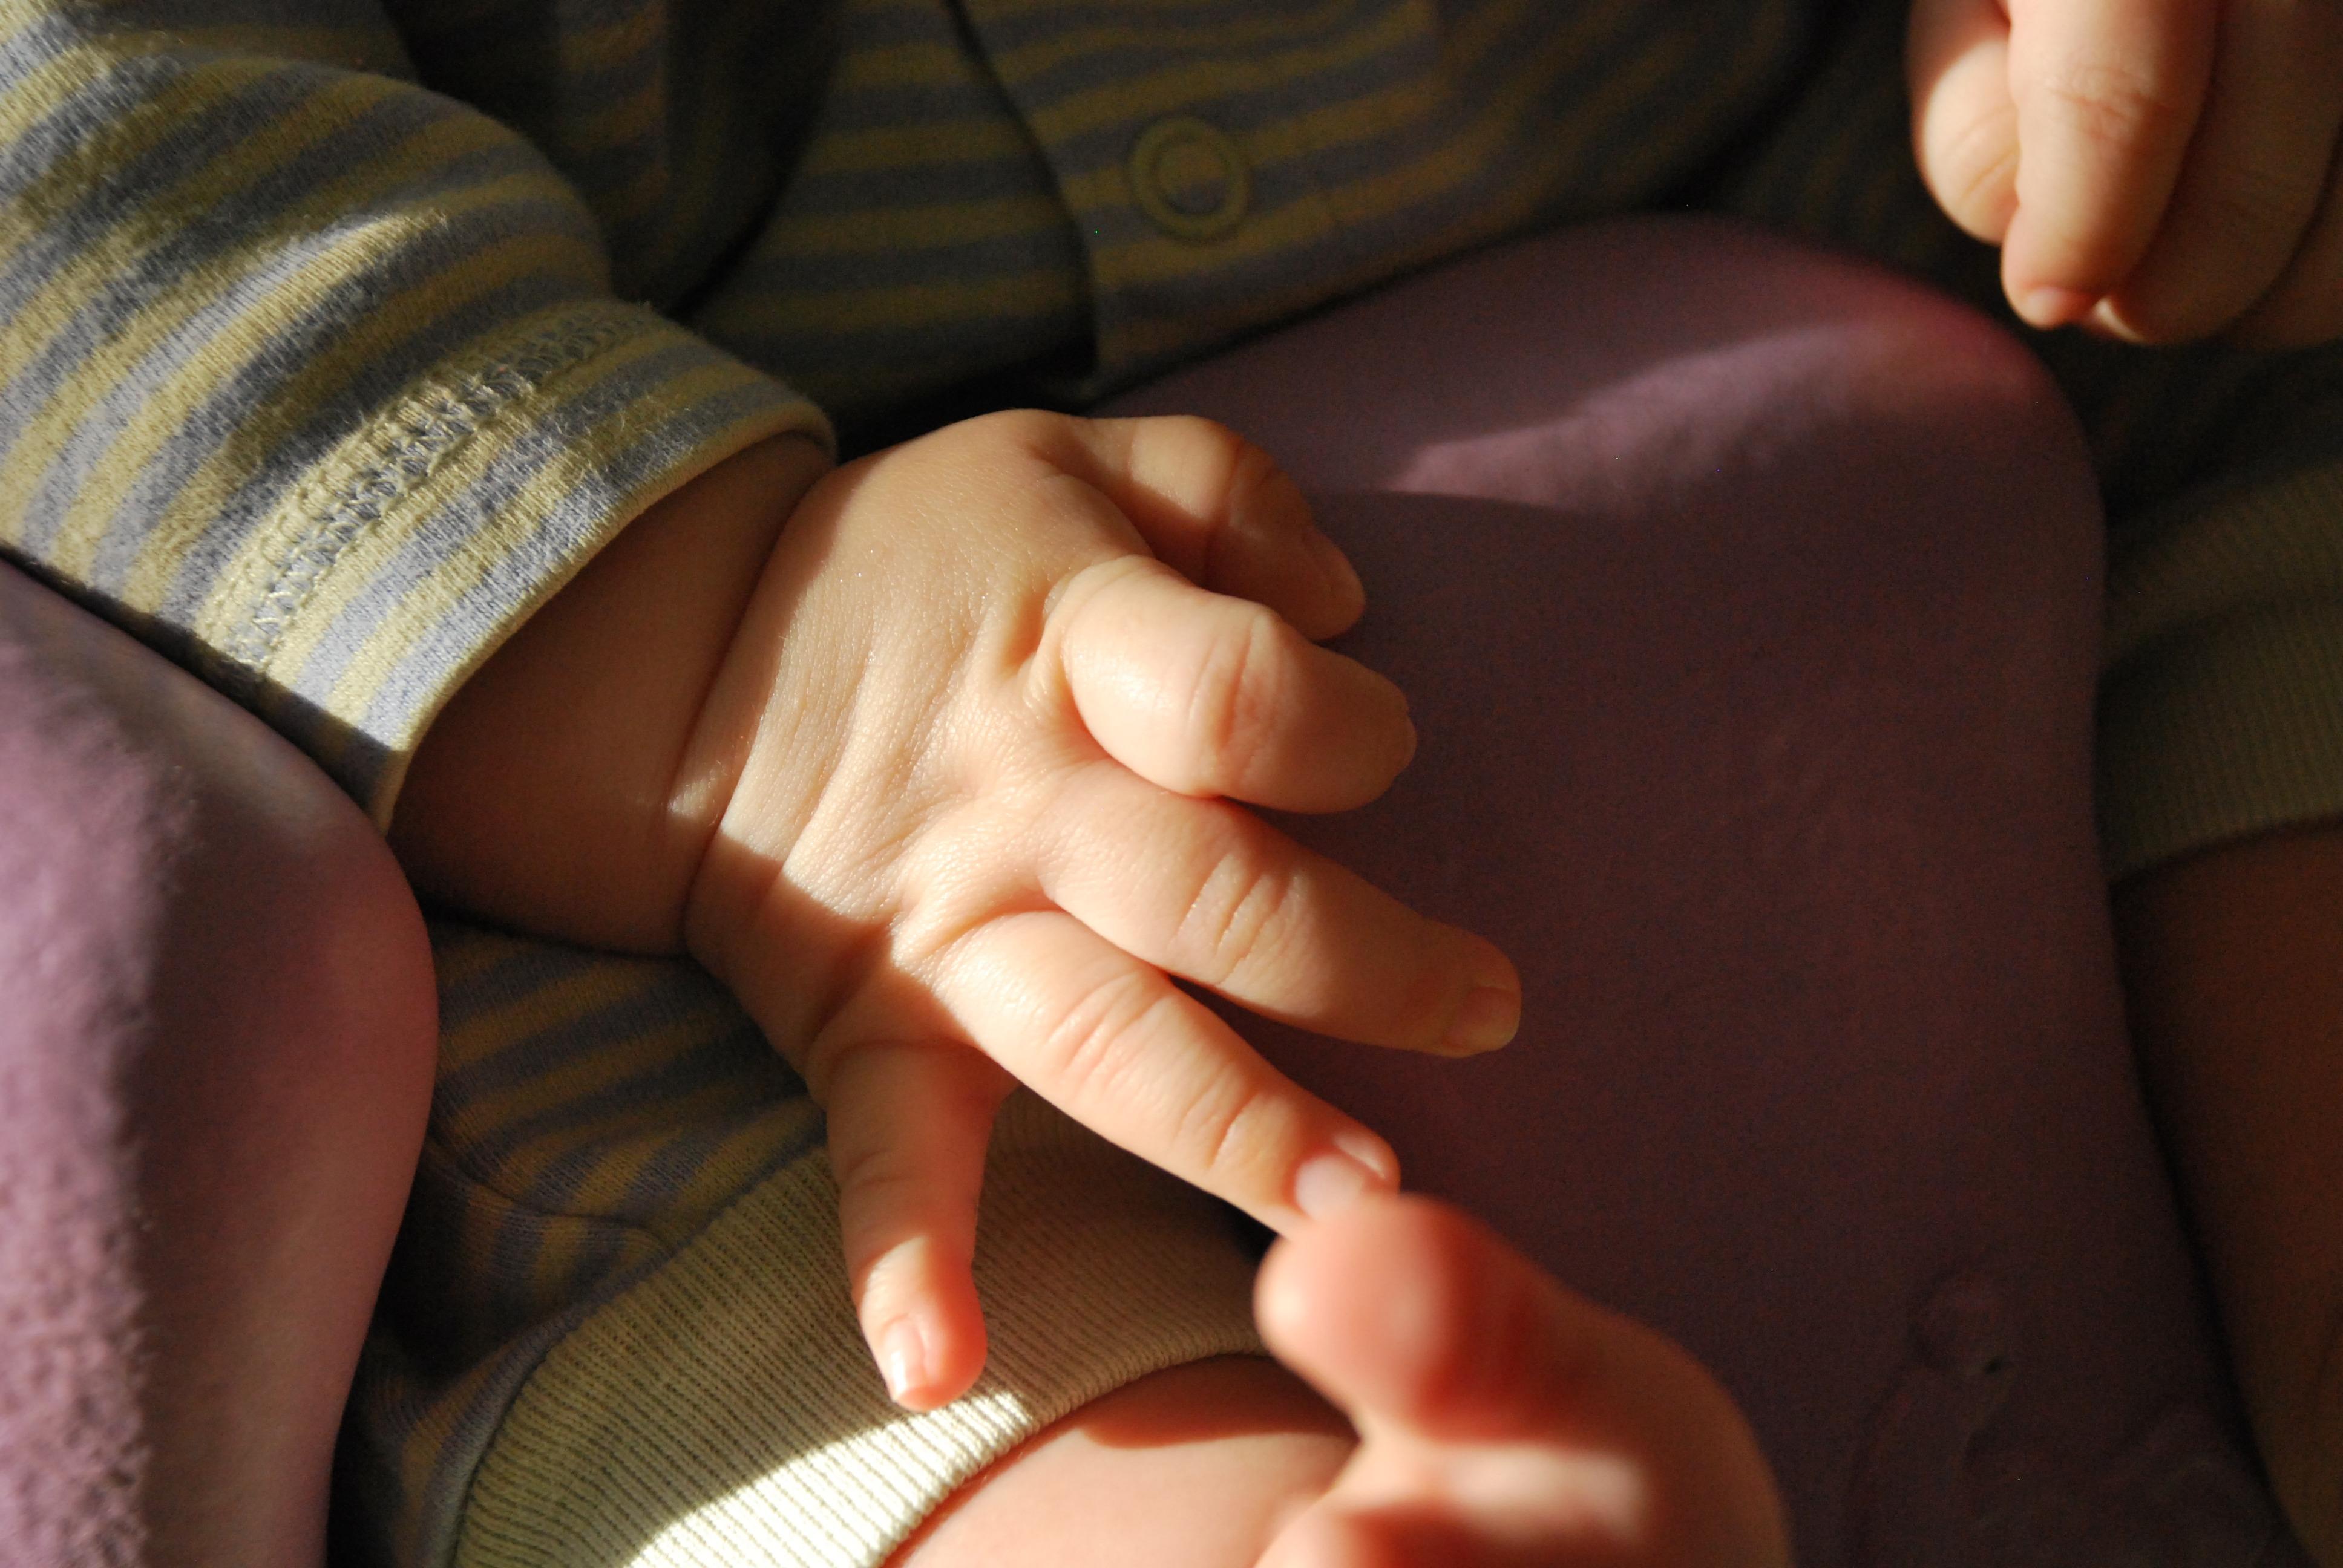 Родитель держит руку маленького ребенка Фото большого